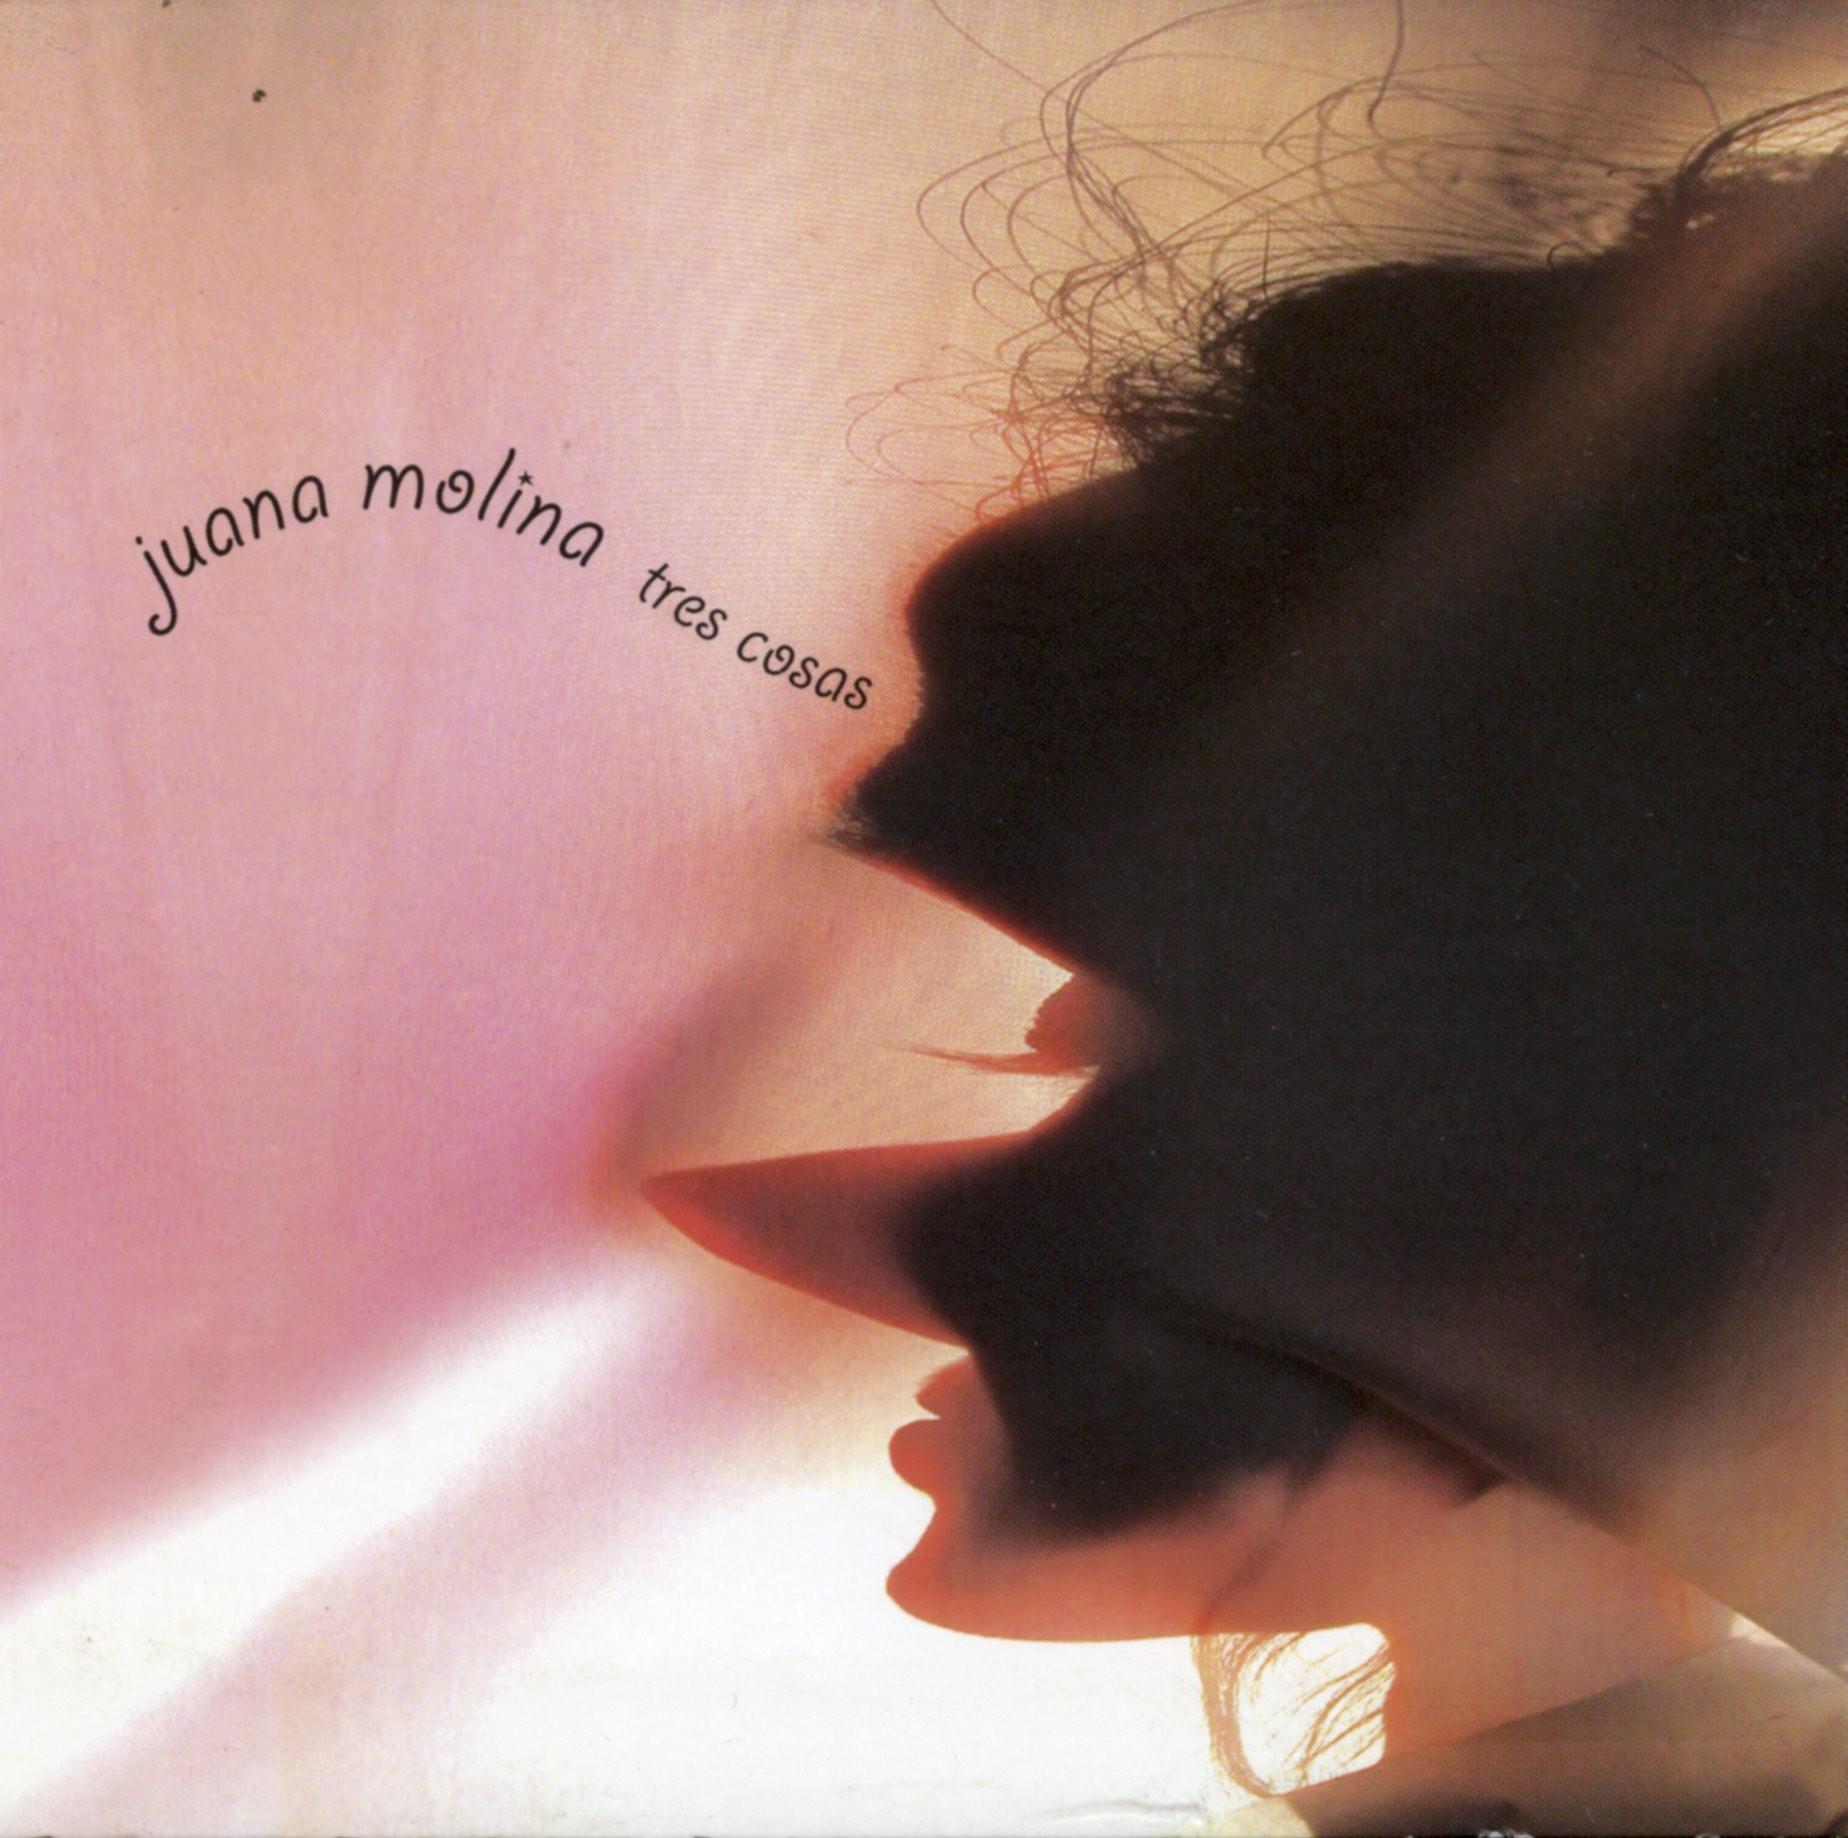 2002 - Juana Molina